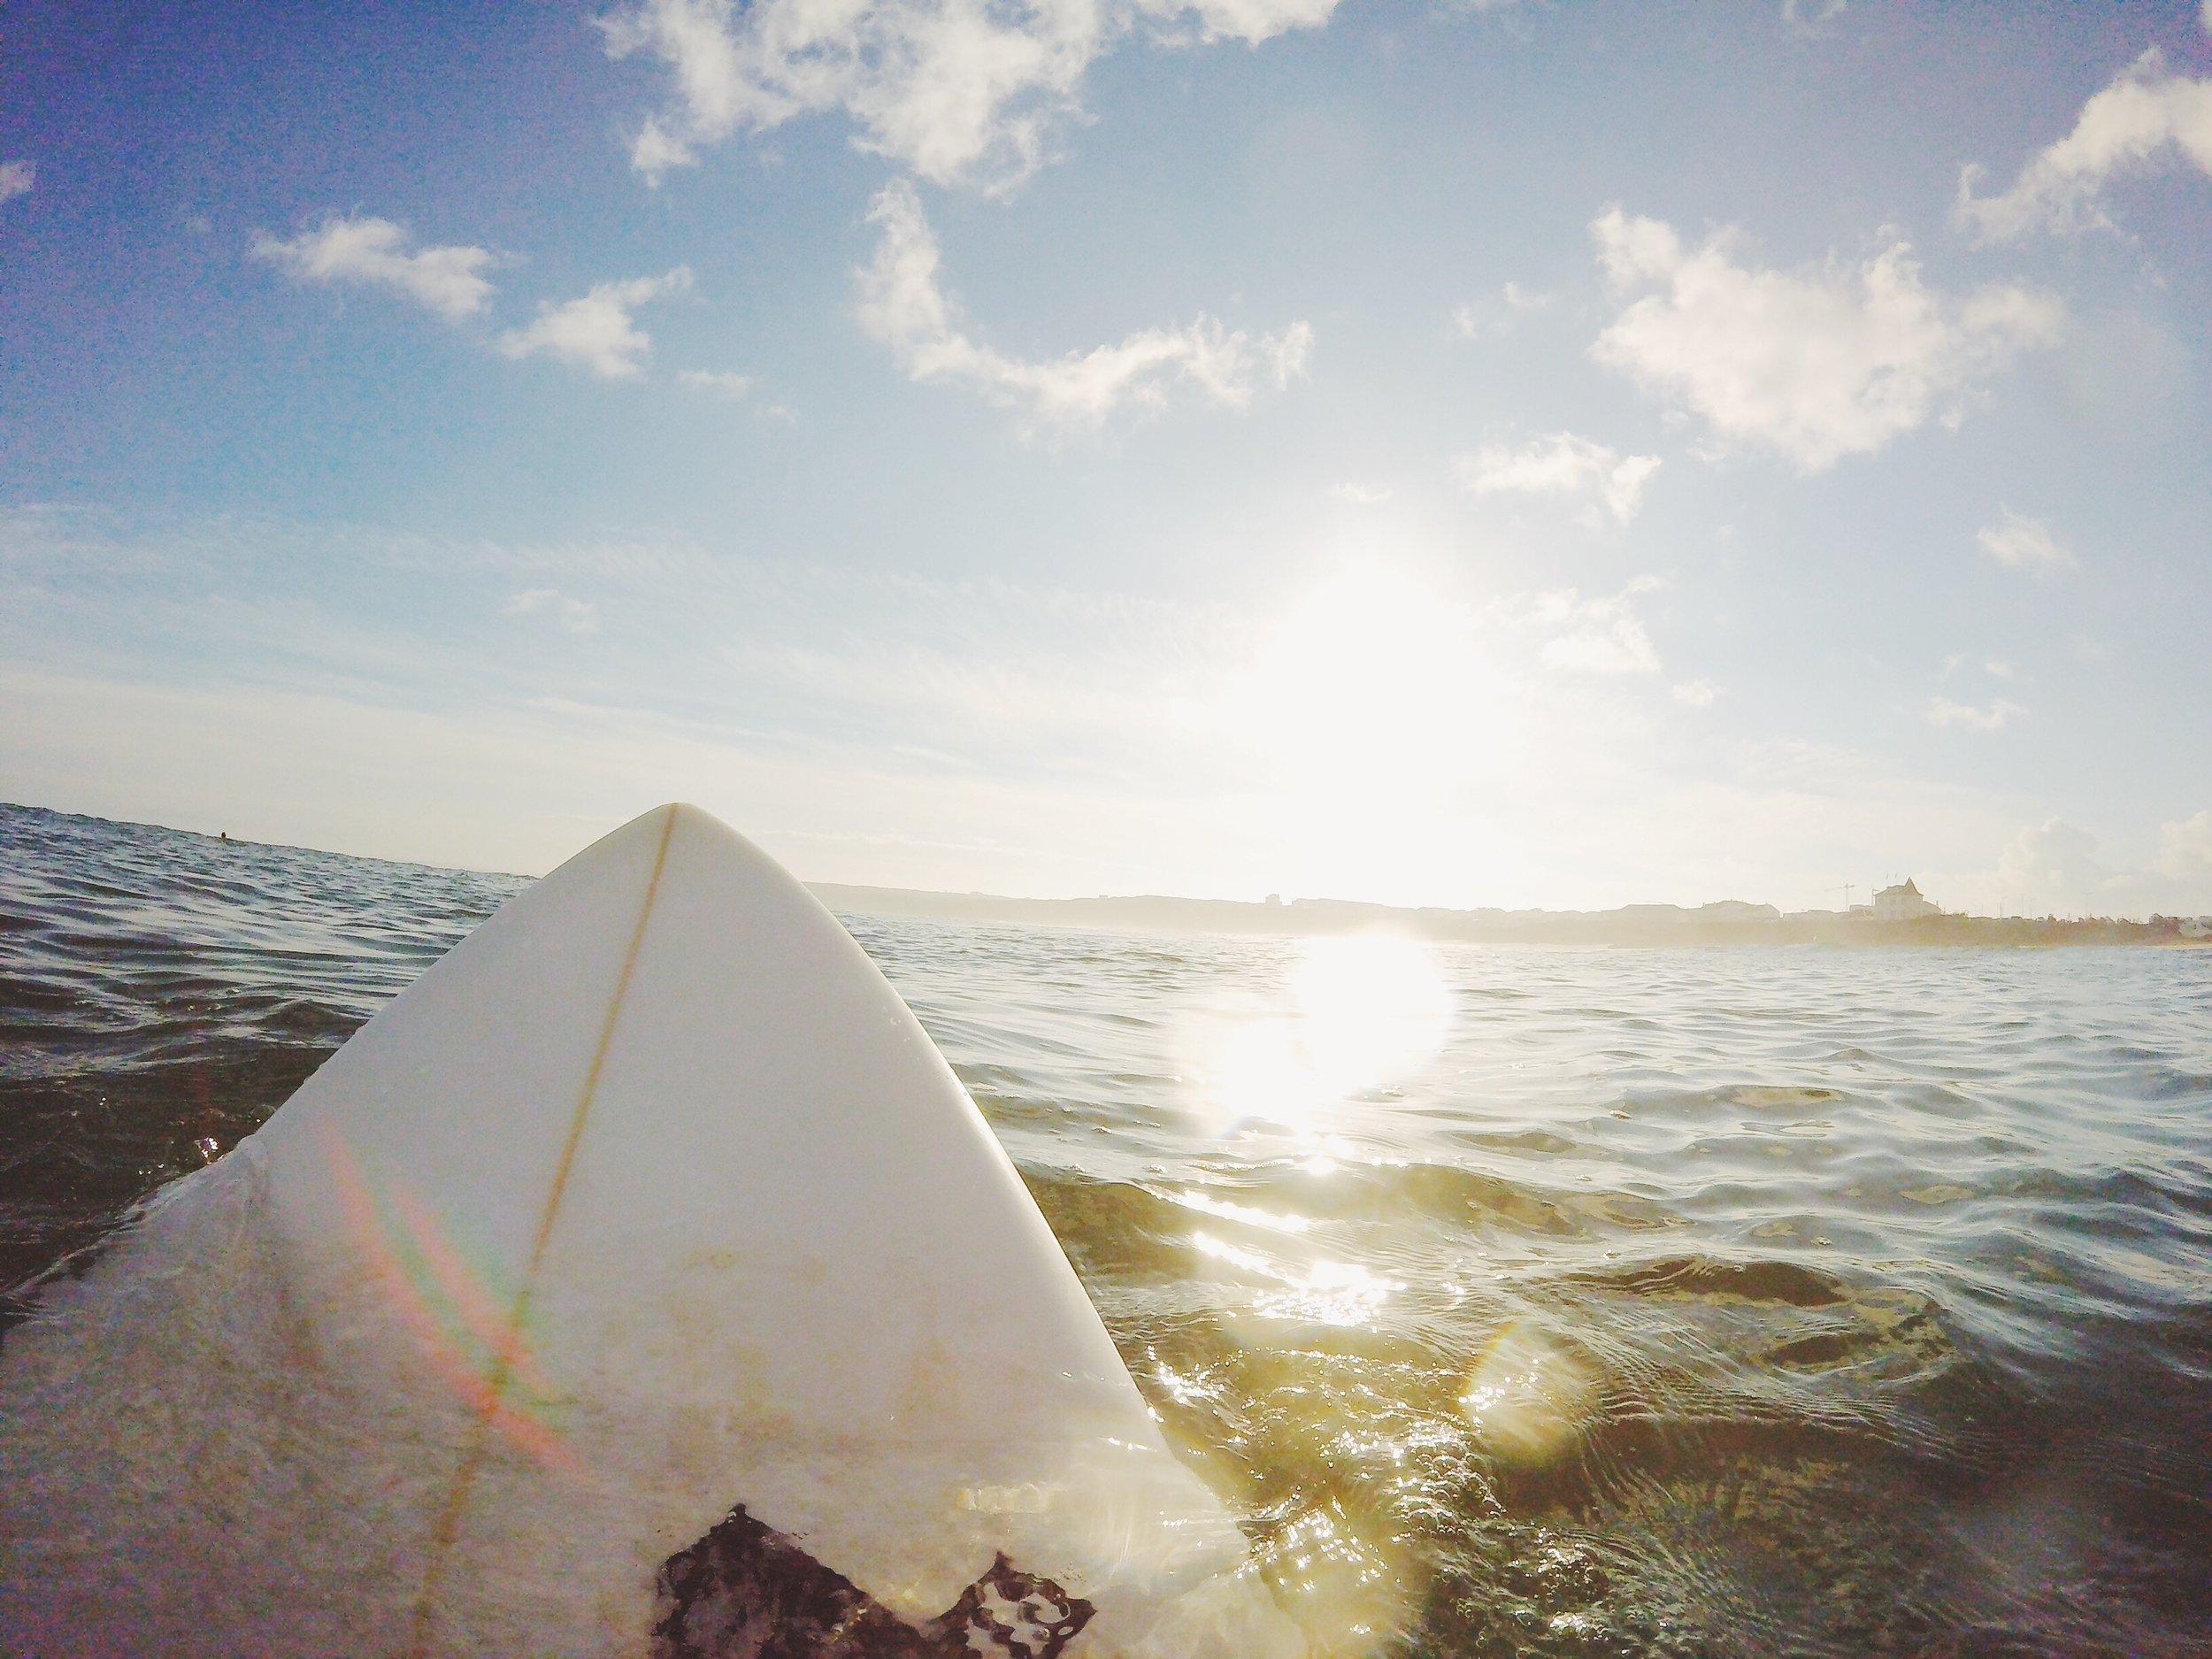 surf-north-coast-2.jpg